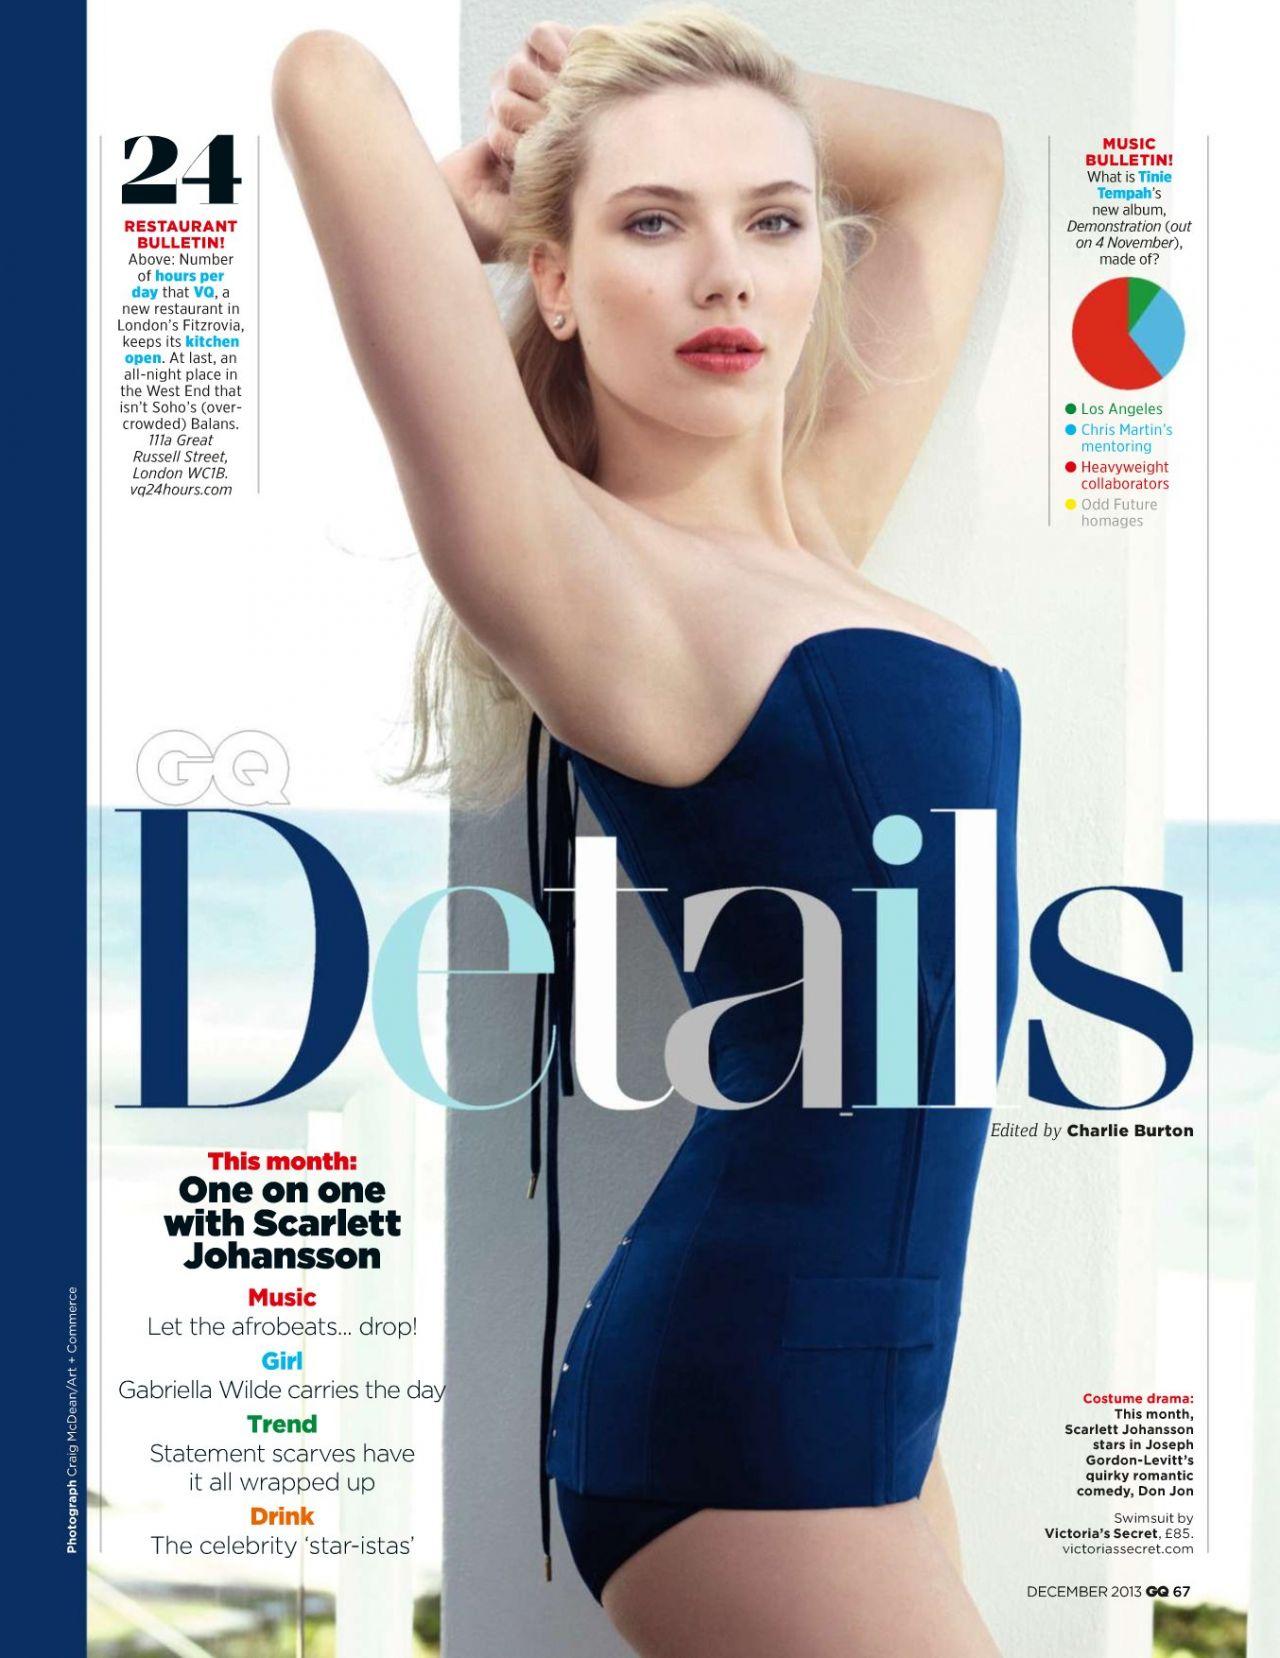 15 de noviembre: GQ ha nombrado a Scarlett Johansson Babe of the Year, y aparece en una publicación sexy en la edición número 15 anual de Men of the Year de las revistas.